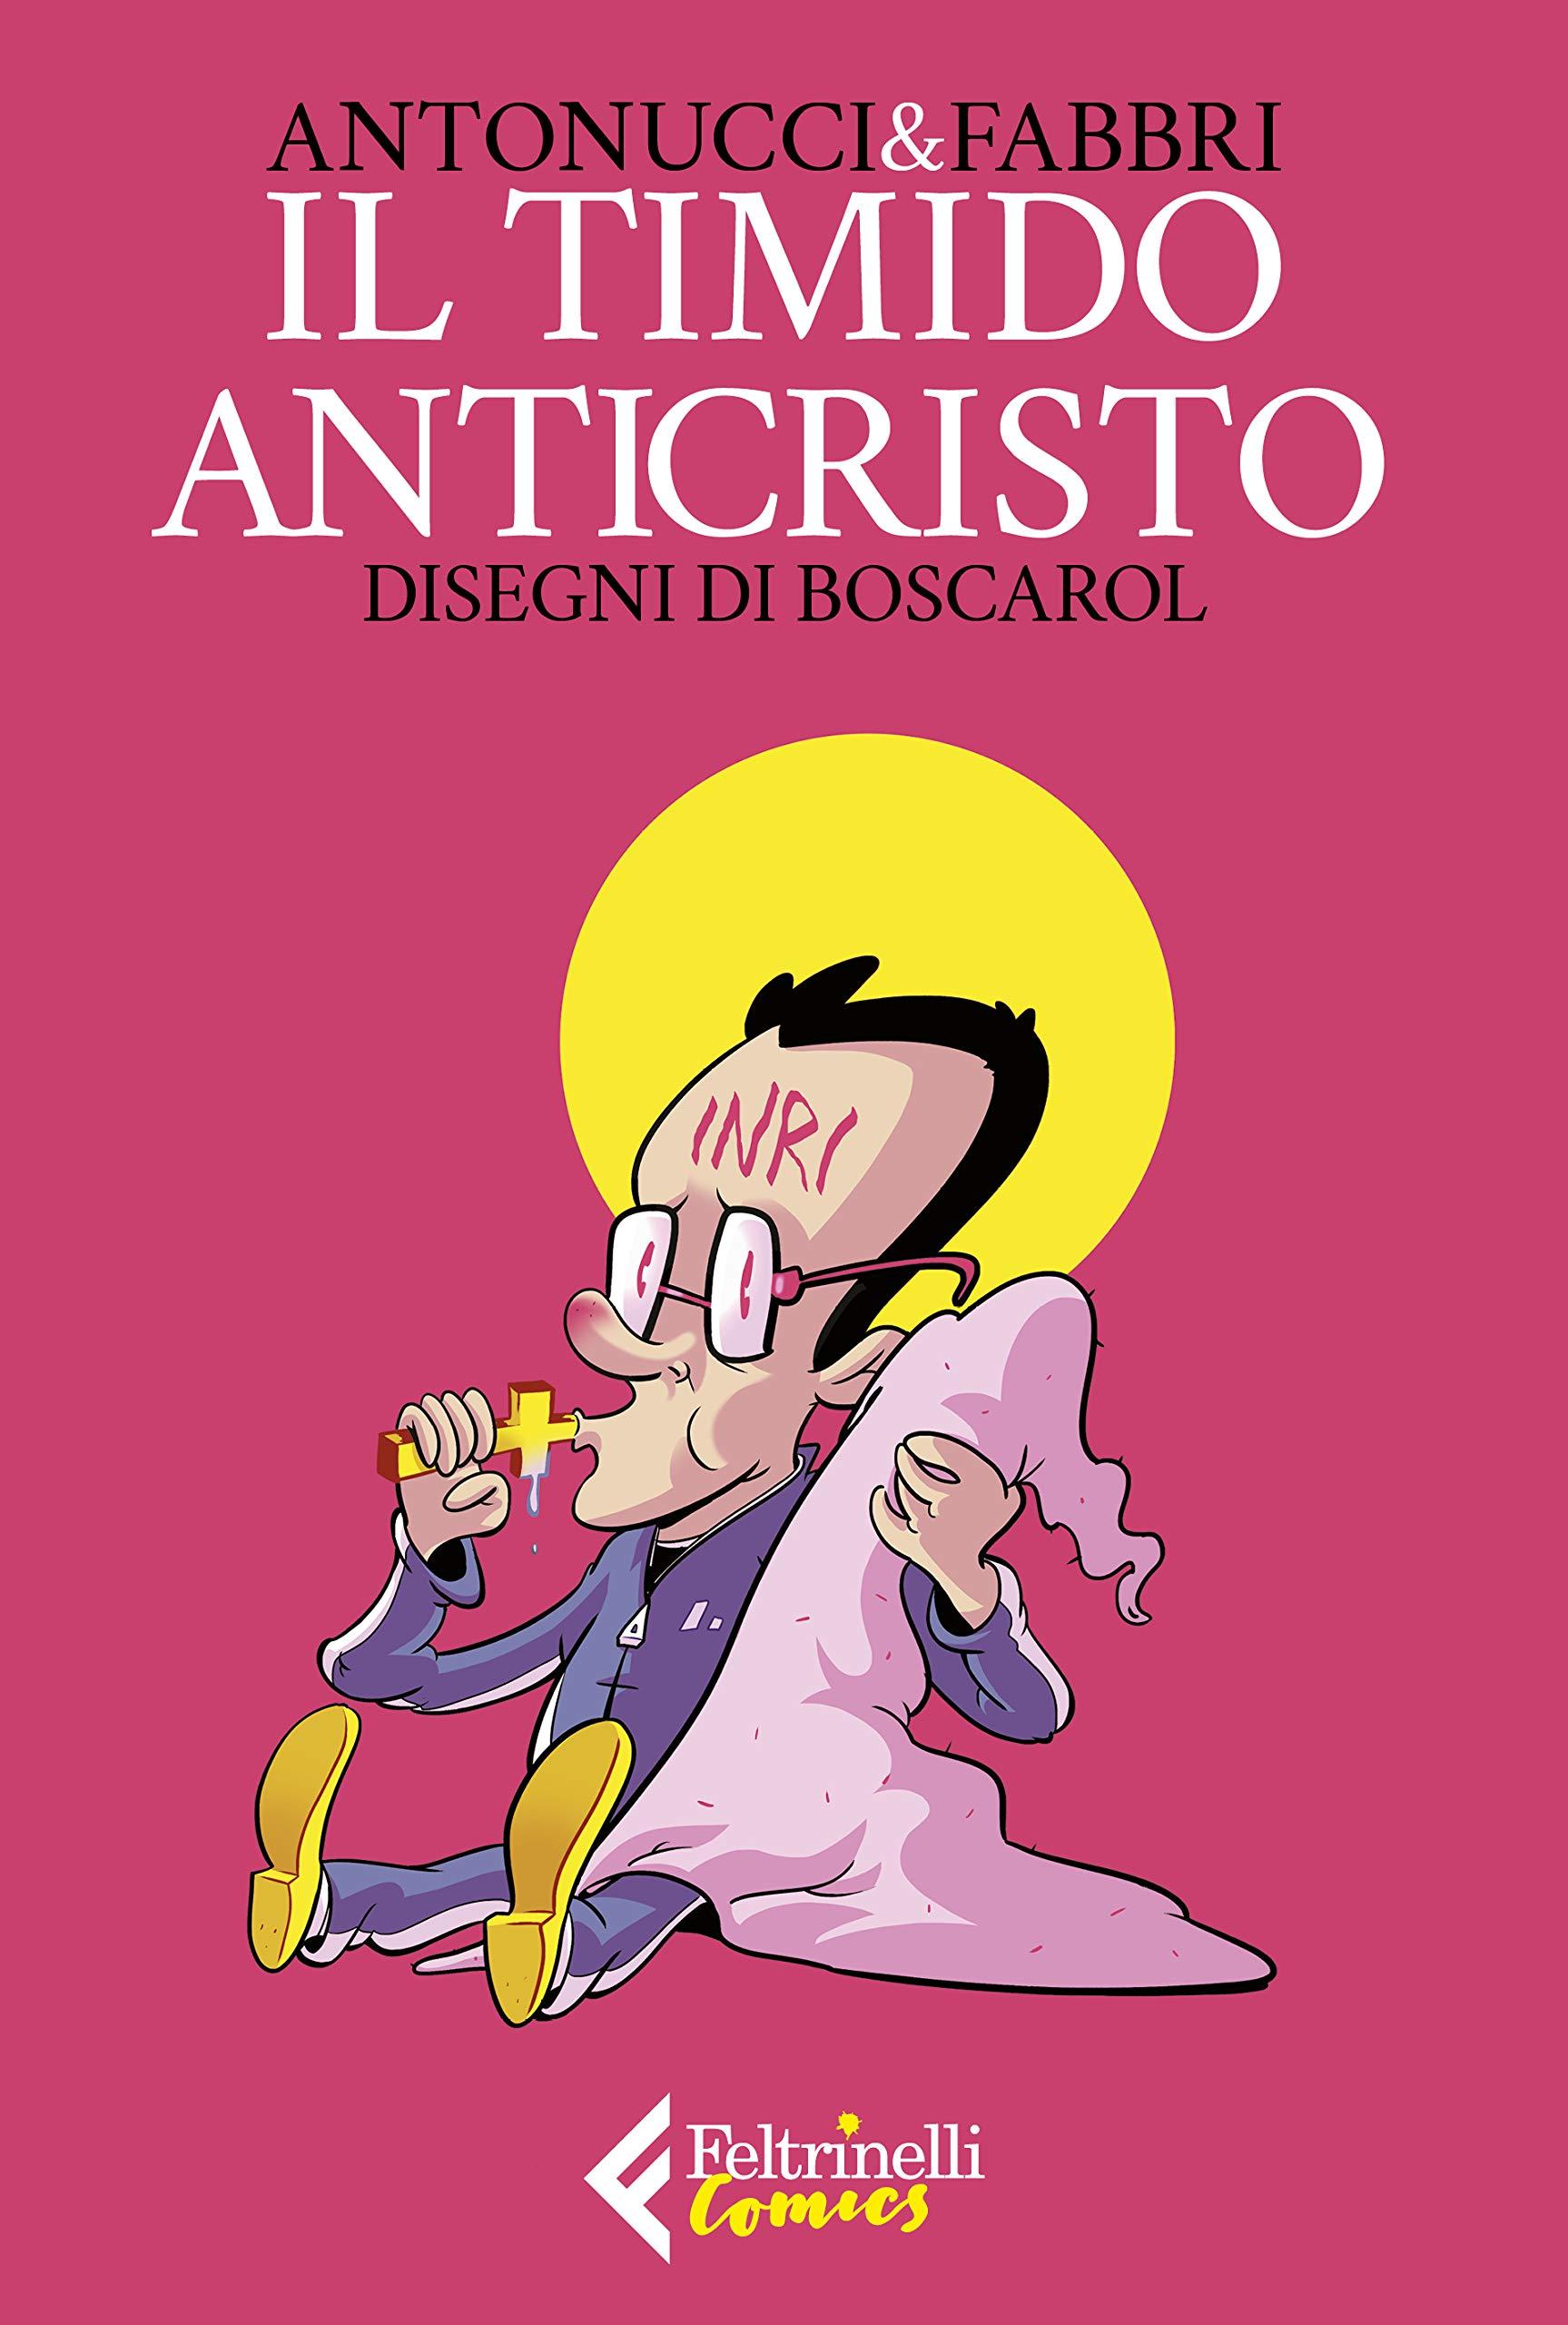 La copertina de Il timido Anticristo, scaricabile tra due settimane grazie all'iniziativa di Feltrinelli Comics